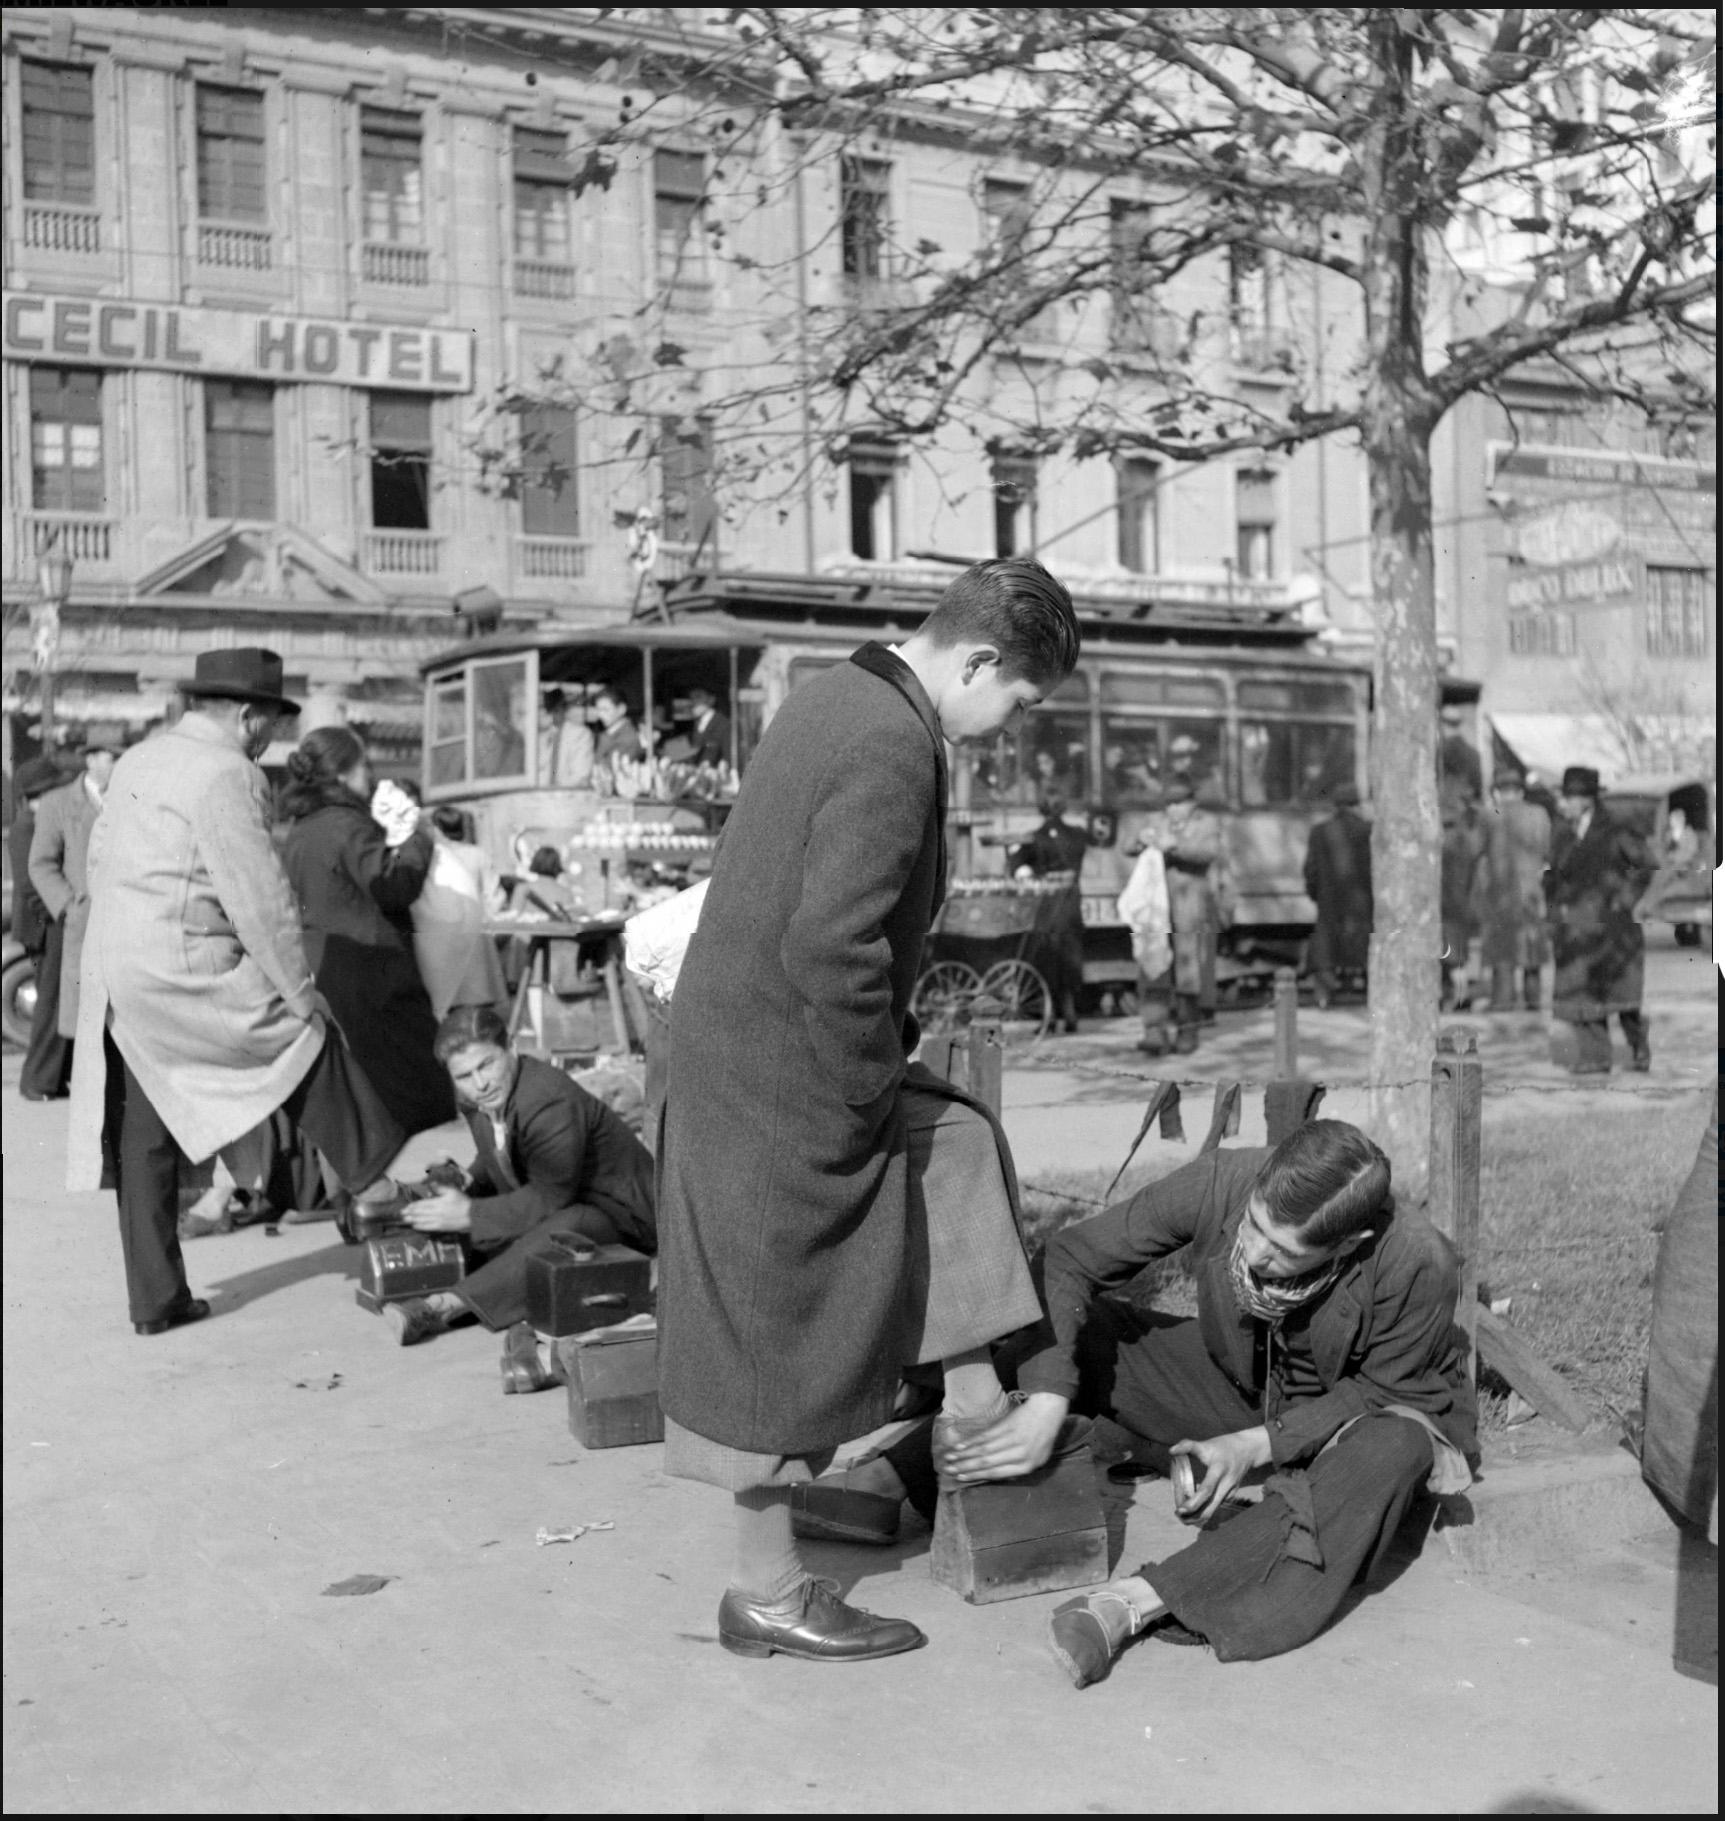 Enterreno - Fotos históricas de chile - fotos antiguas de Chile - Alameda de Santiago en 1930